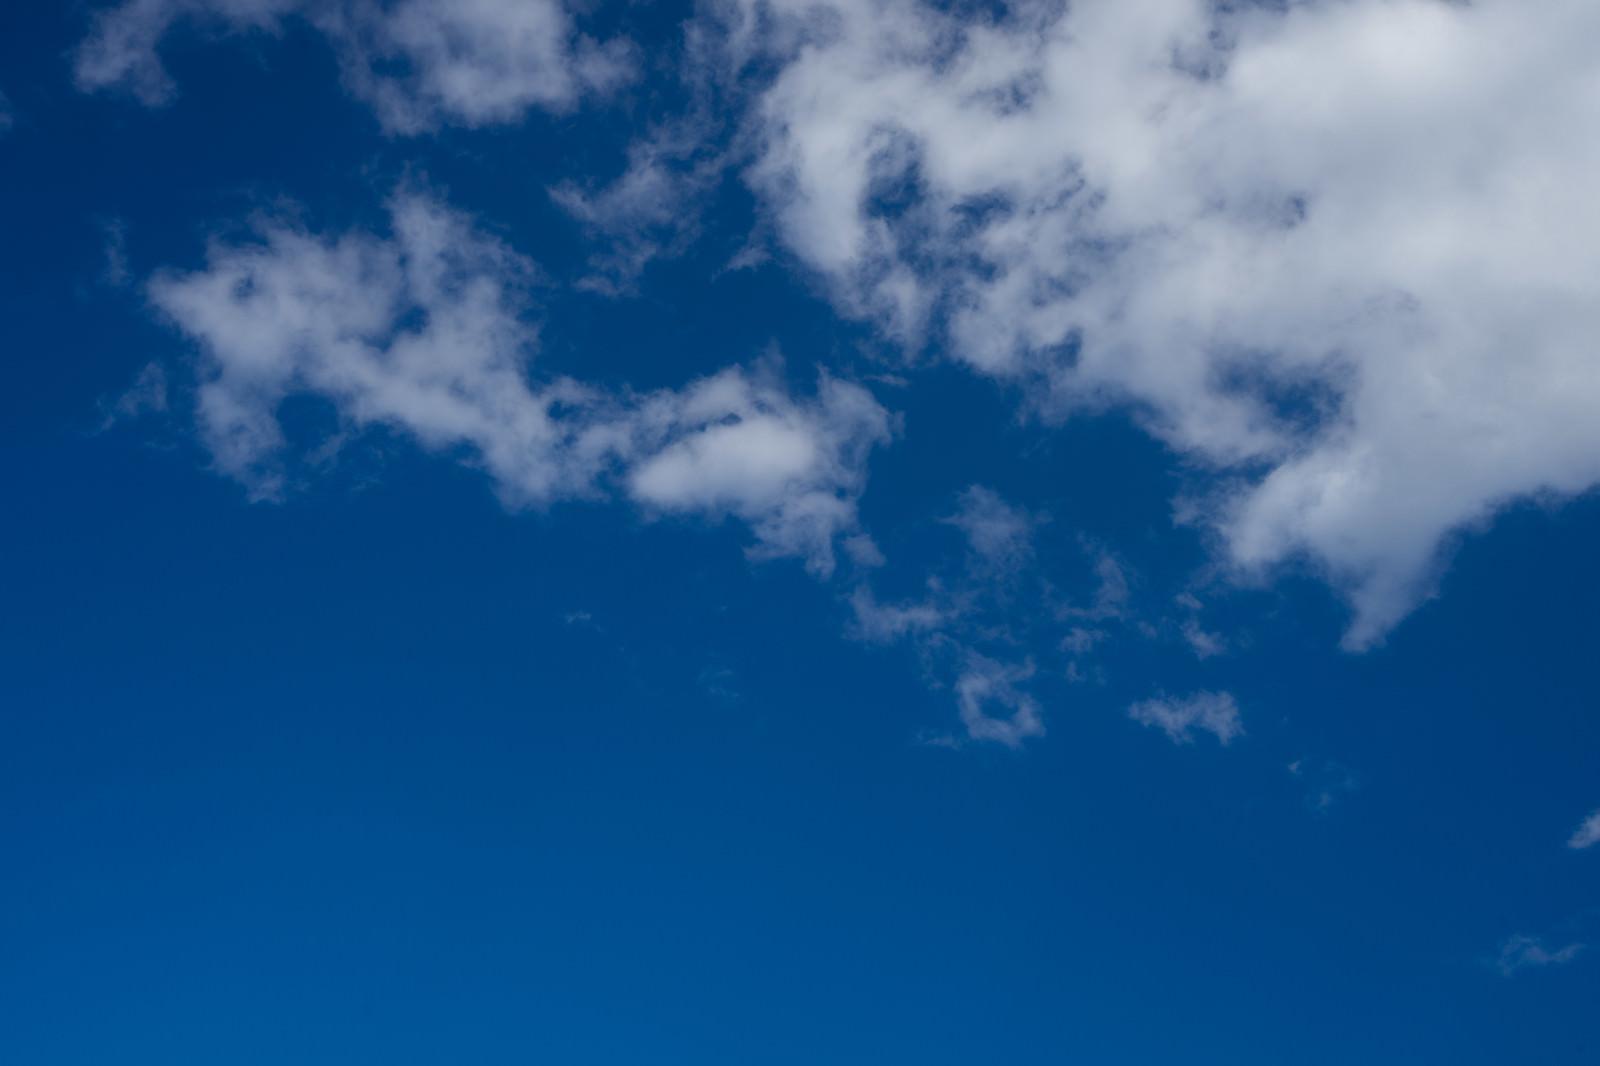 「あおいそらと雲」の写真